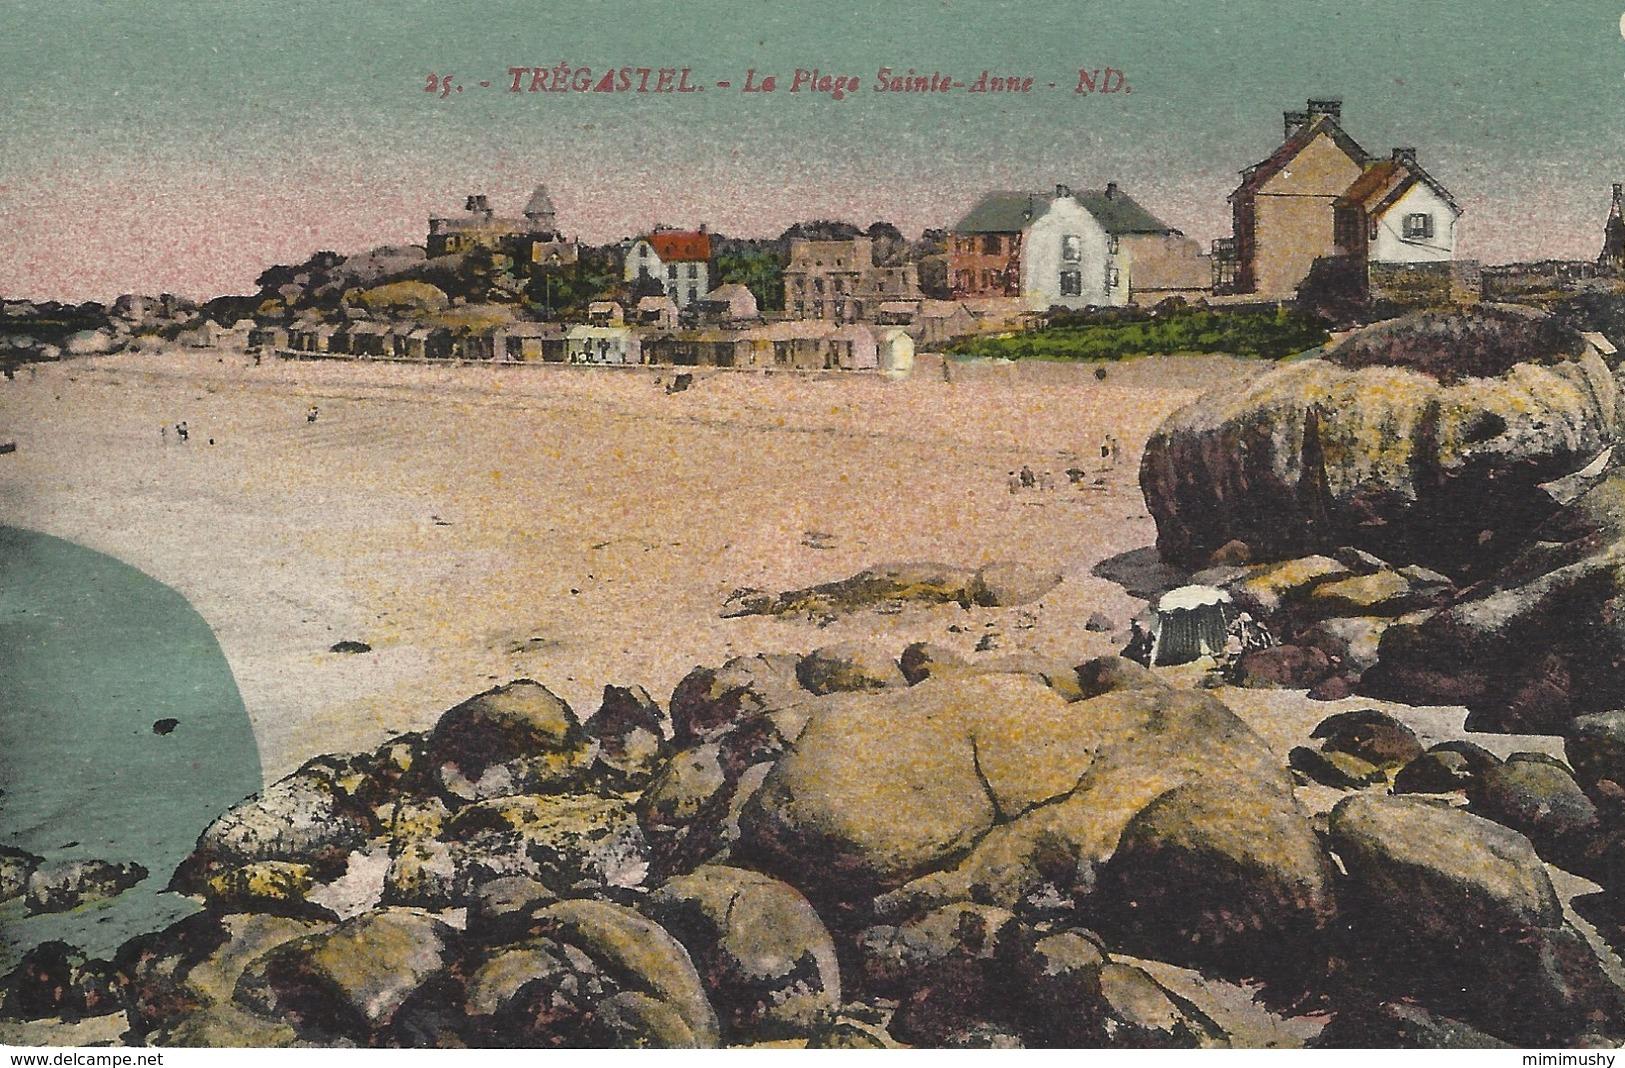 22 - Trégastel - La Plage Sainte-Anne - Trégastel